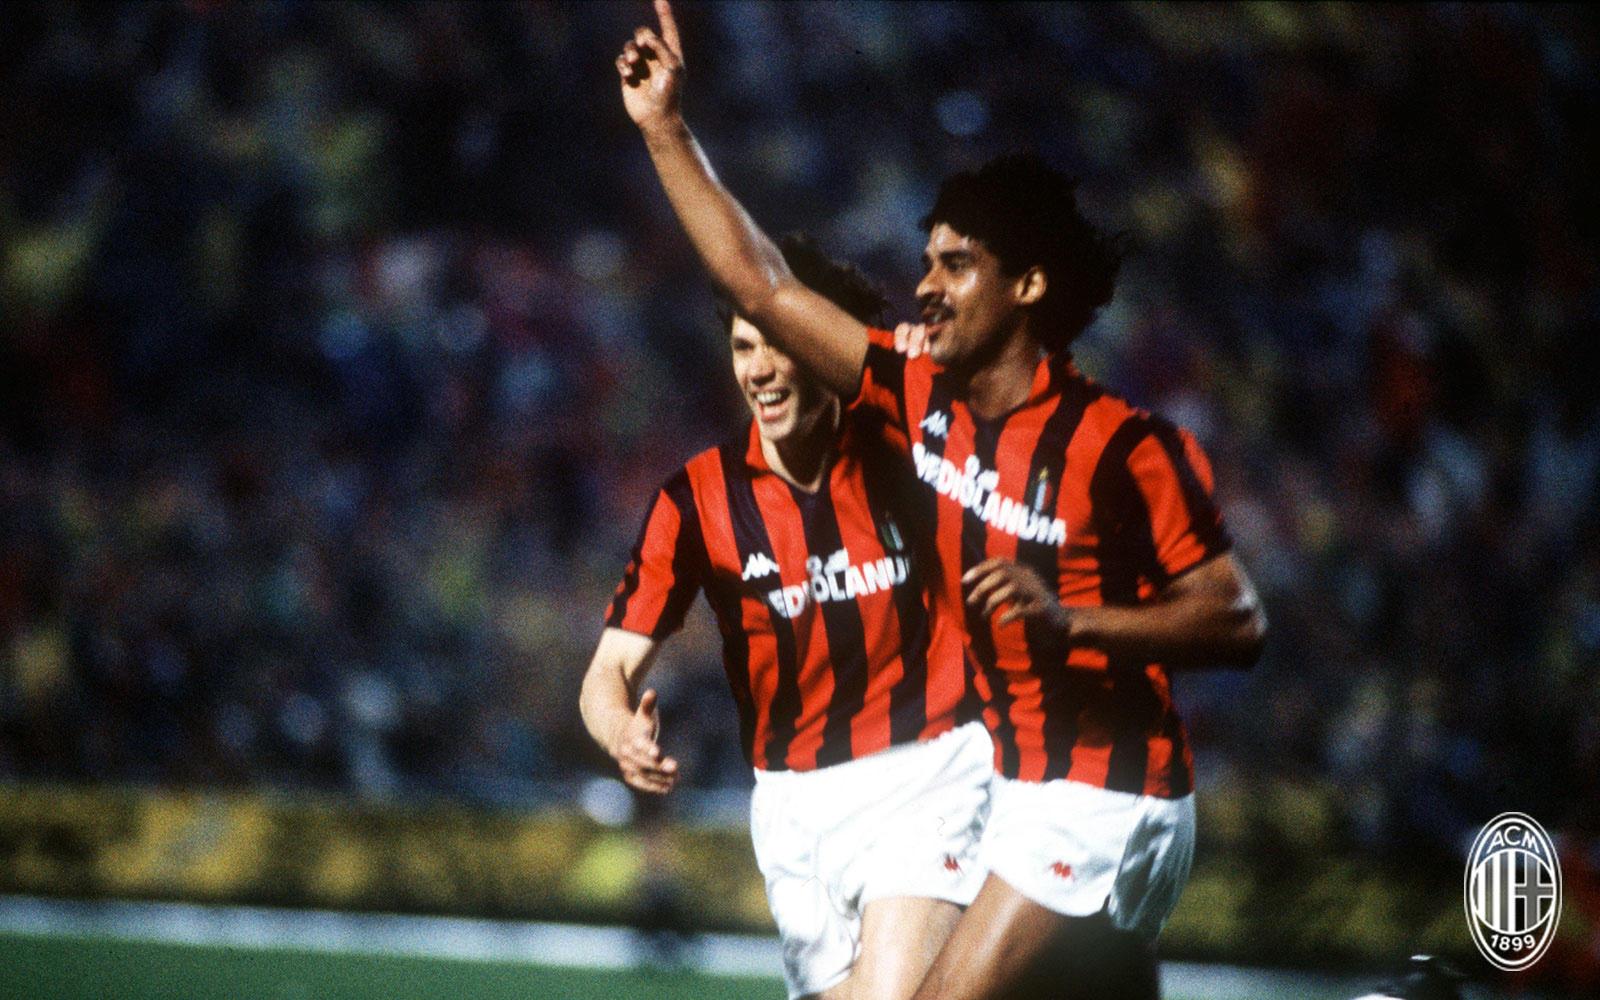 Sono passati 30 anni dal capolavoro dei rossoneri di Sacchi nella semifinale di Coppa dei Campioni. Il 19 aprile 1989 andarono in rete Ancelotti, Rijk...